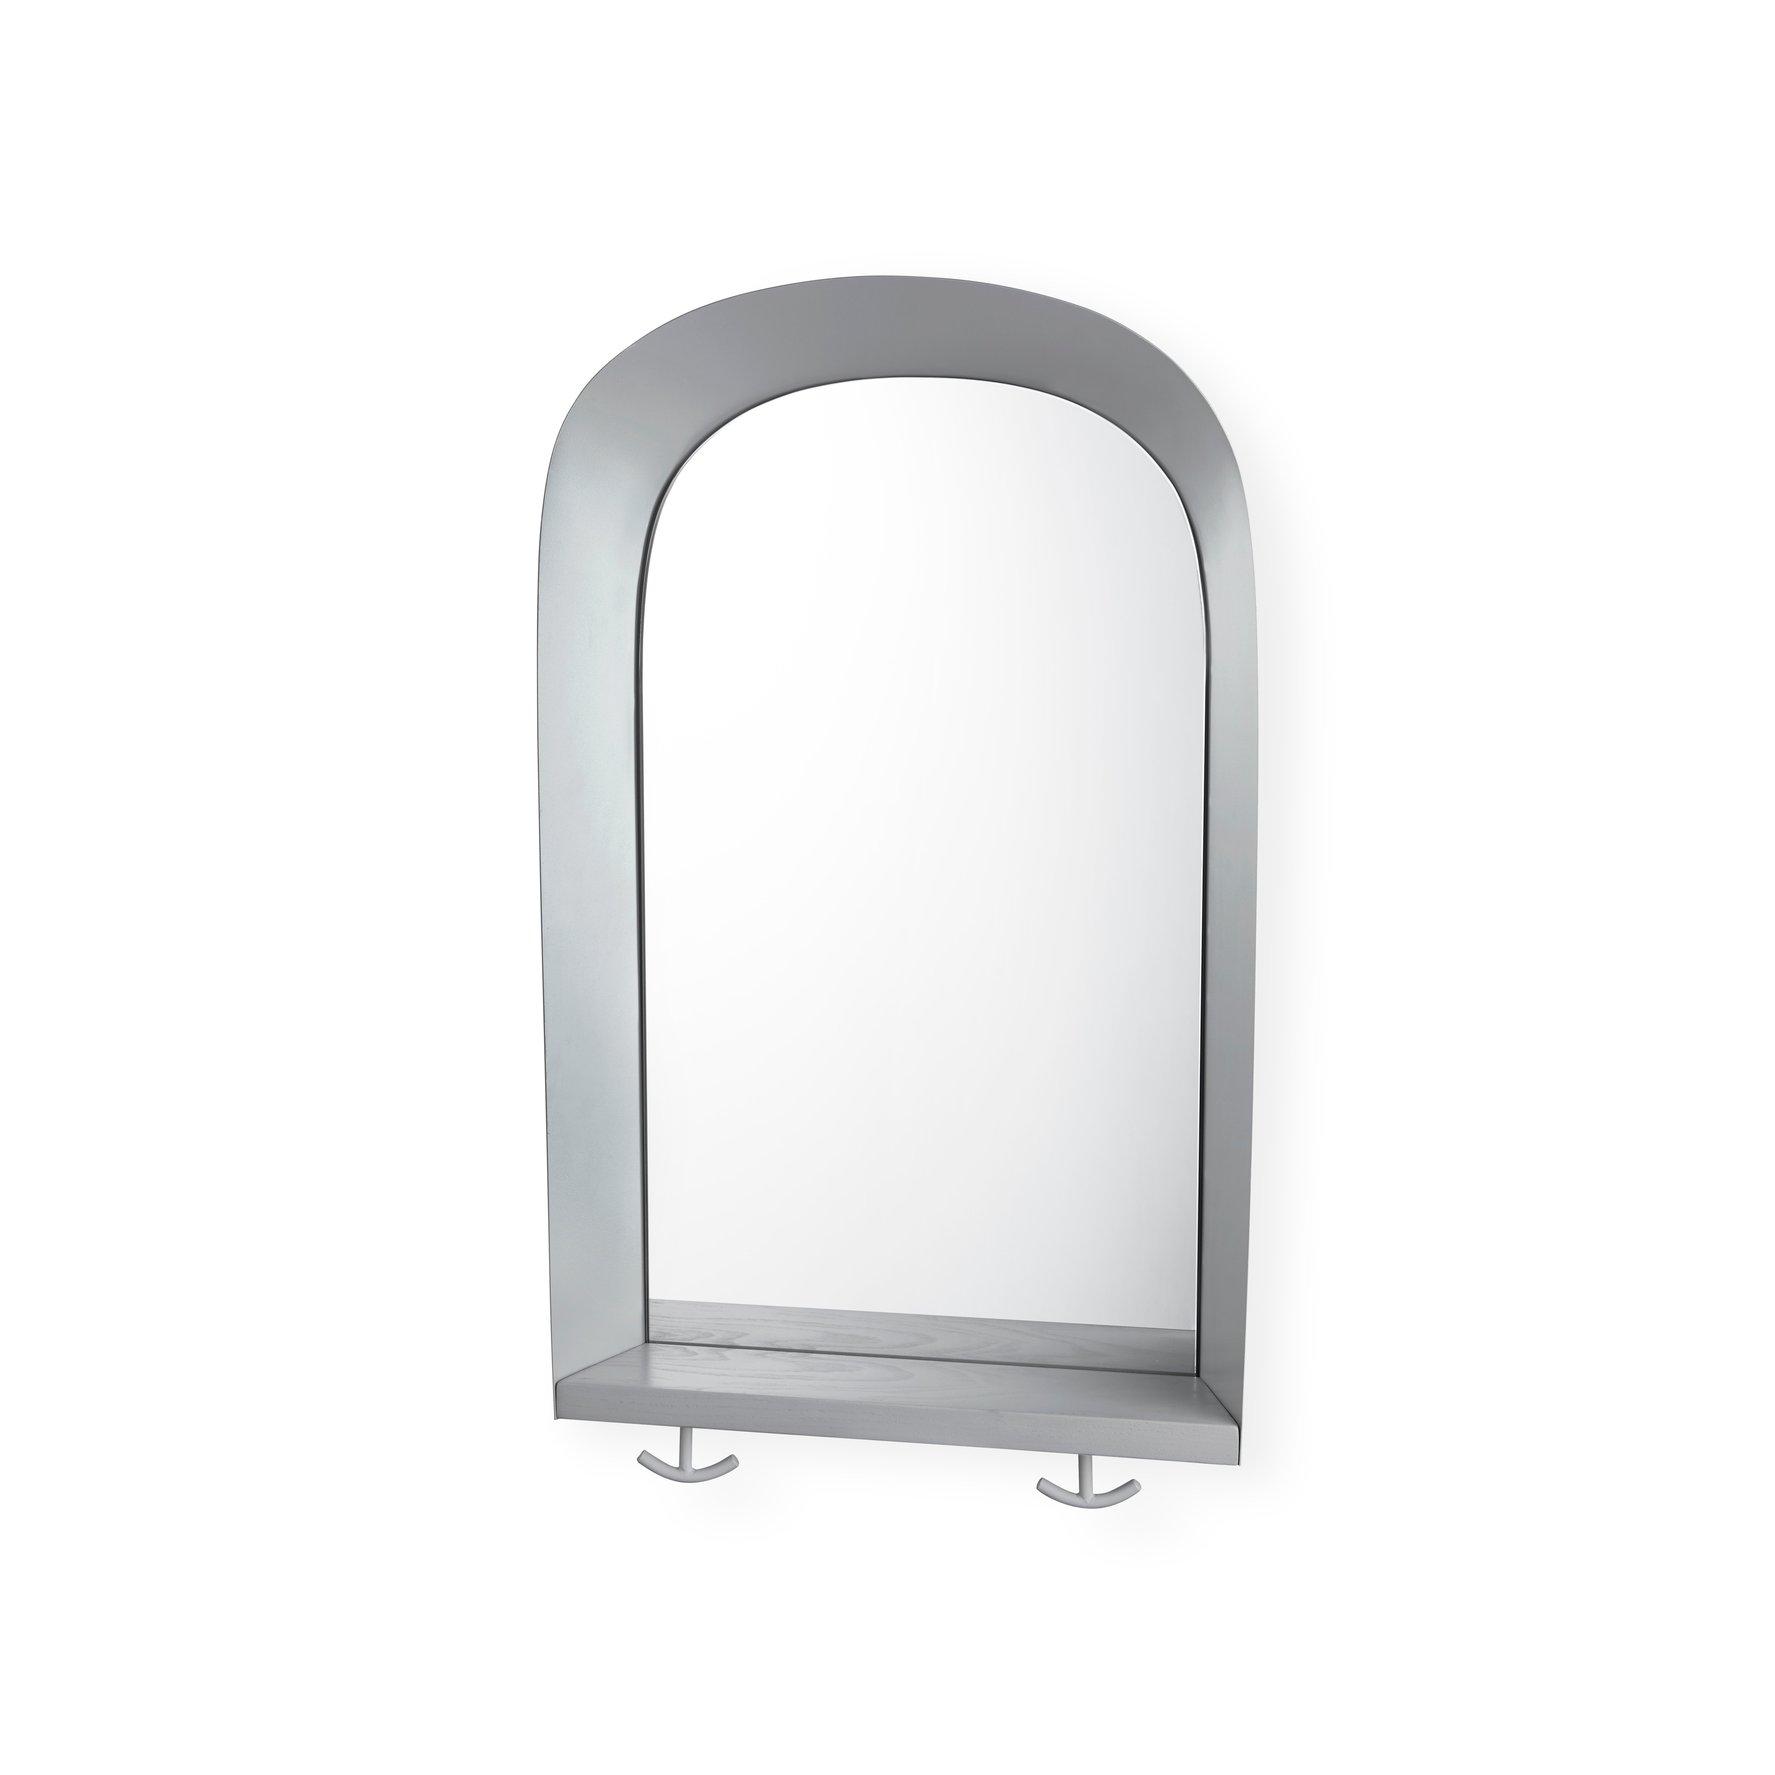 Nofred - Portal Mirror - Grey